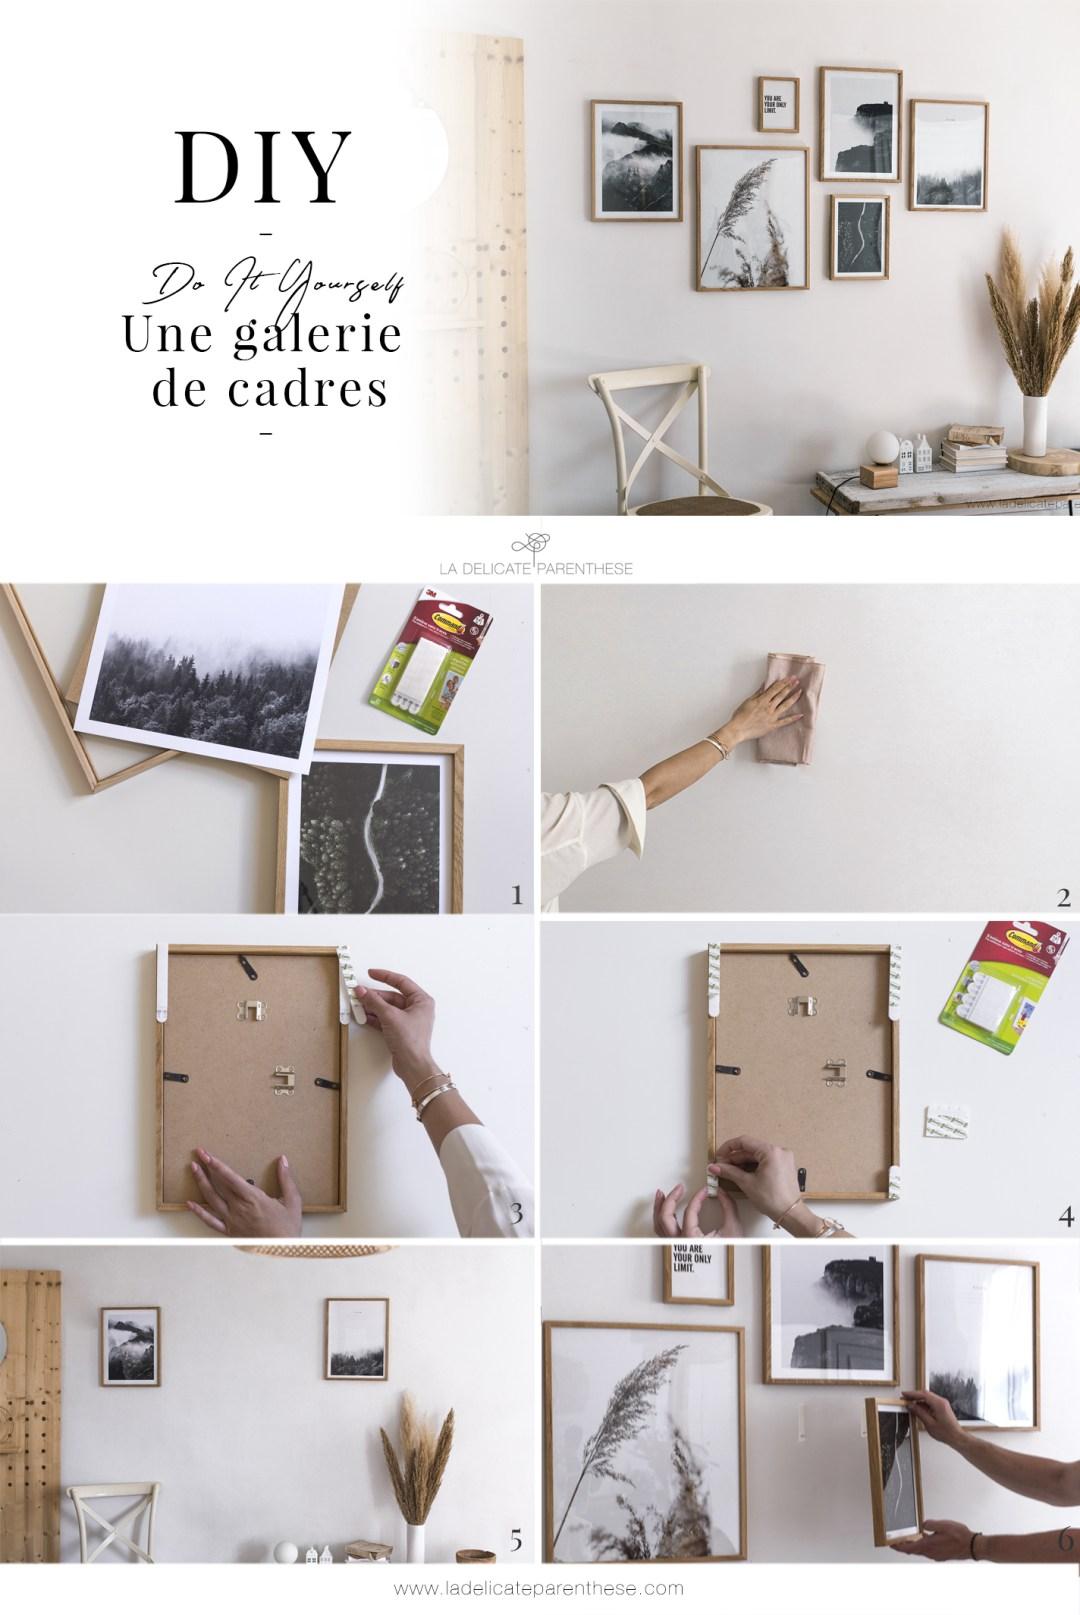 Pas à pas créatif pour réaliser une galerie de cadres